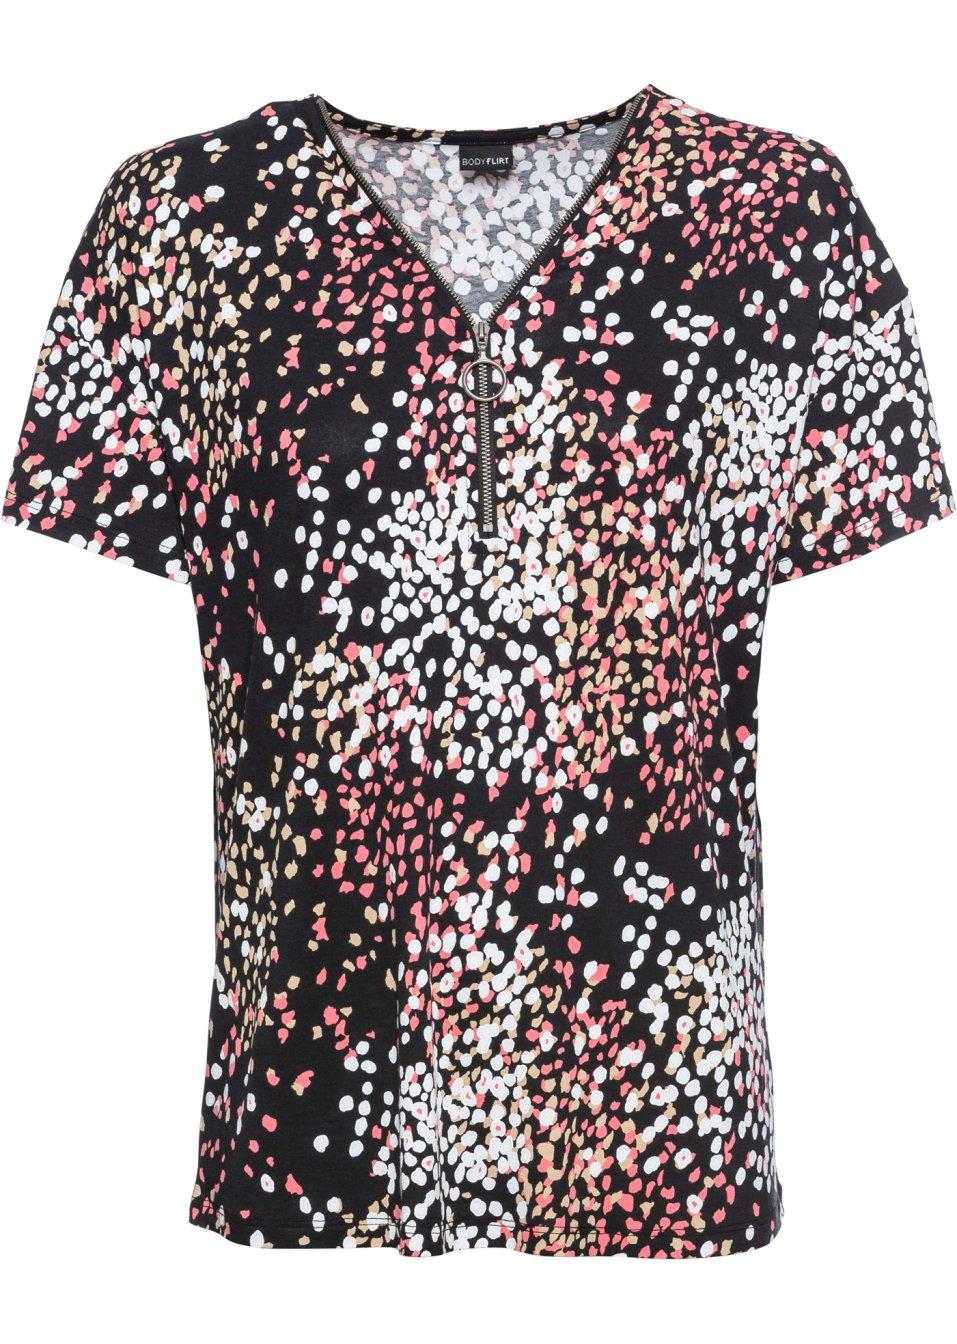 bedrucktes Shirt mit Zipper schwarz/rot gemustert - Damen - bonprix.de FG0Kx Agj4e